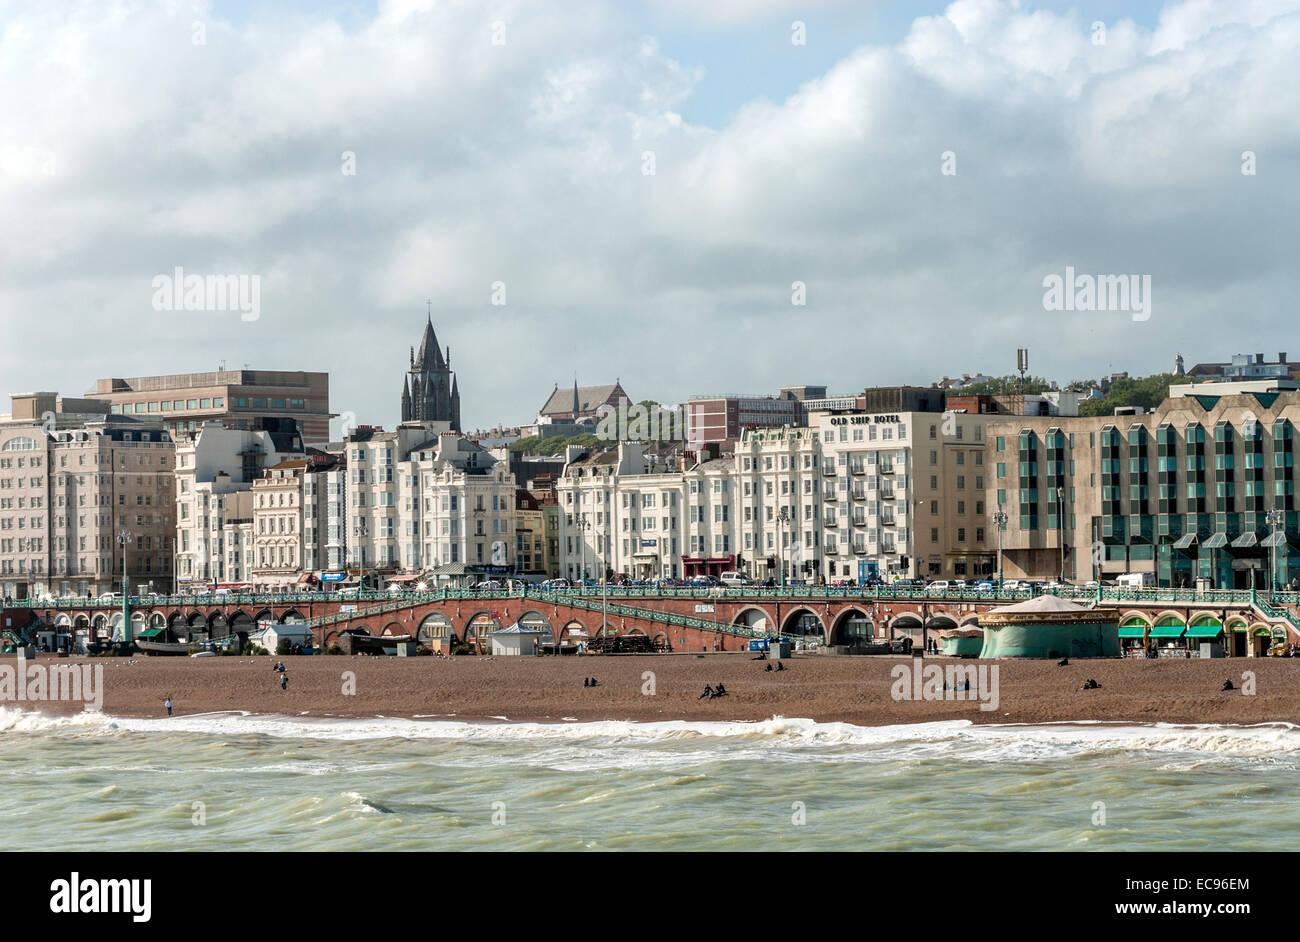 Meerblick von Brighton, East Sussex, Südengland. | Aussicht Auf Brighton von der Seeseite, Suedostengland. Stockbild